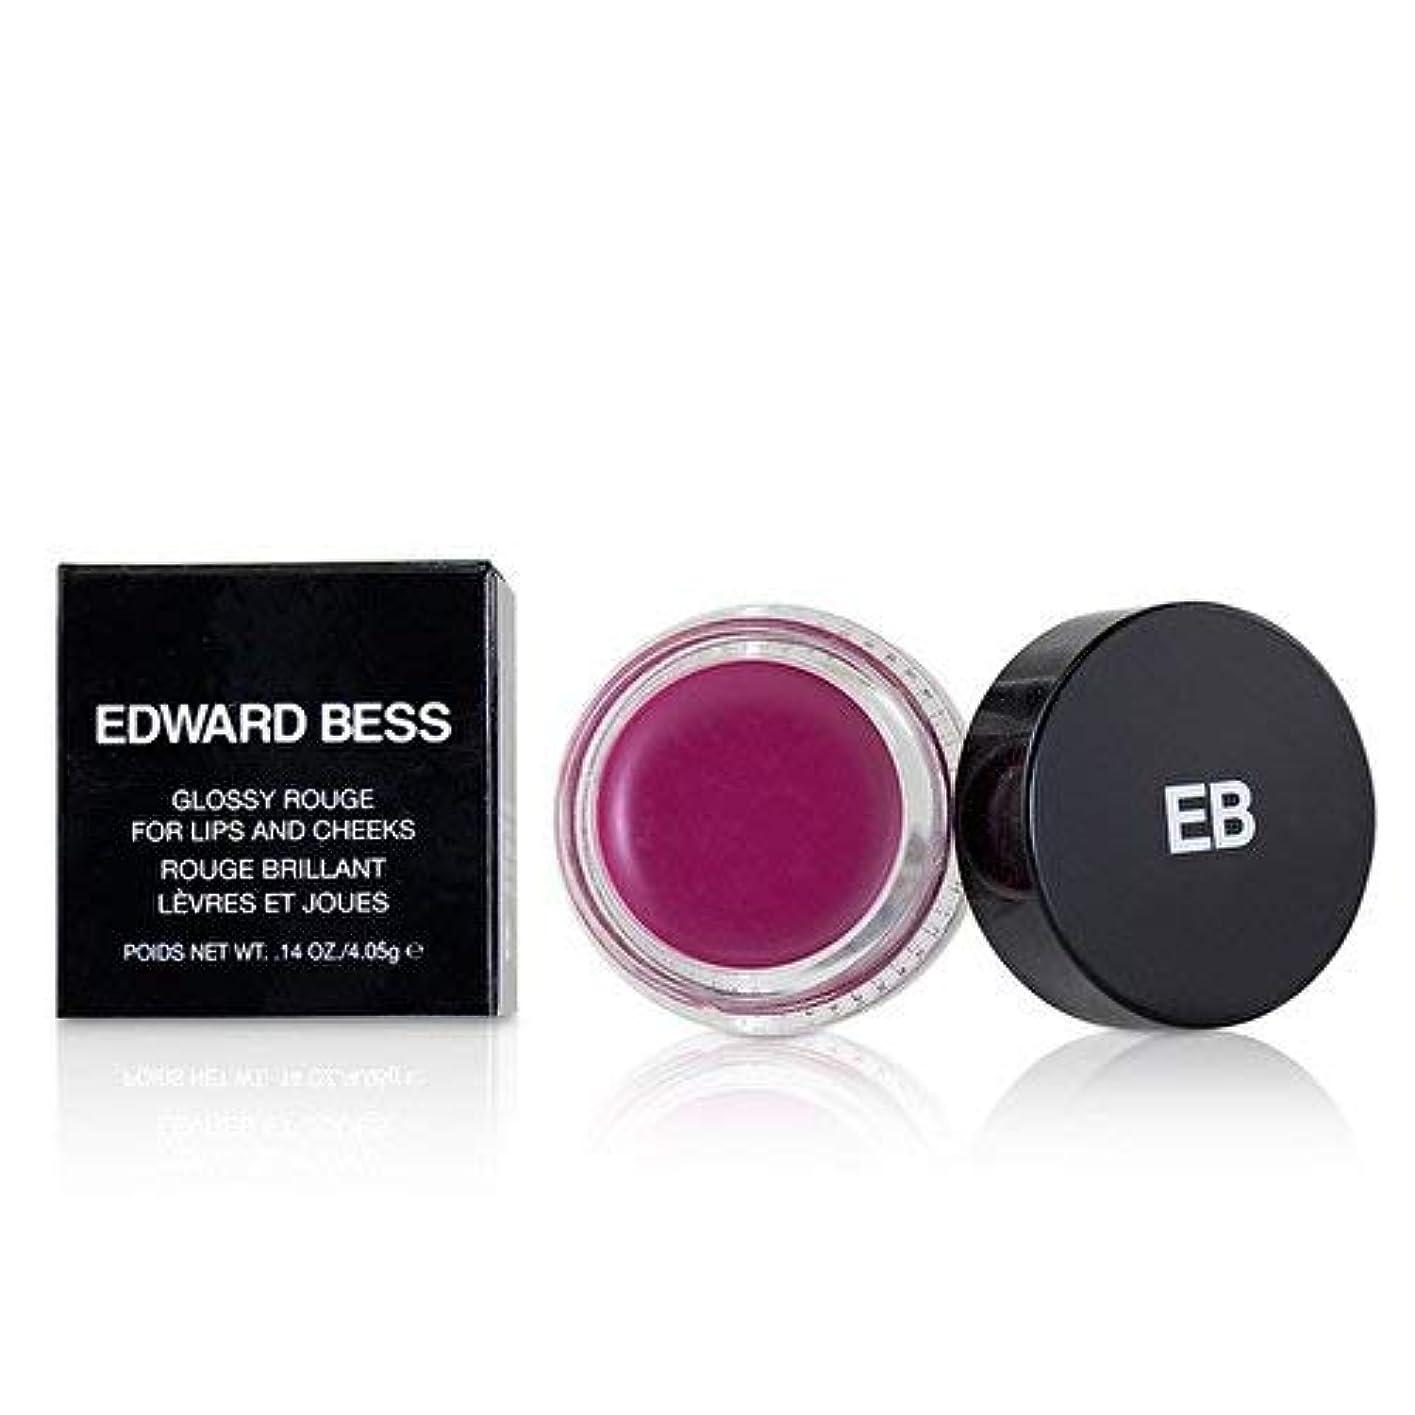 コンテスト空虚放射能エドワードべス Glossy Rouge For Lips And Cheeks - # Candid Rose 4.05g/0.14oz並行輸入品